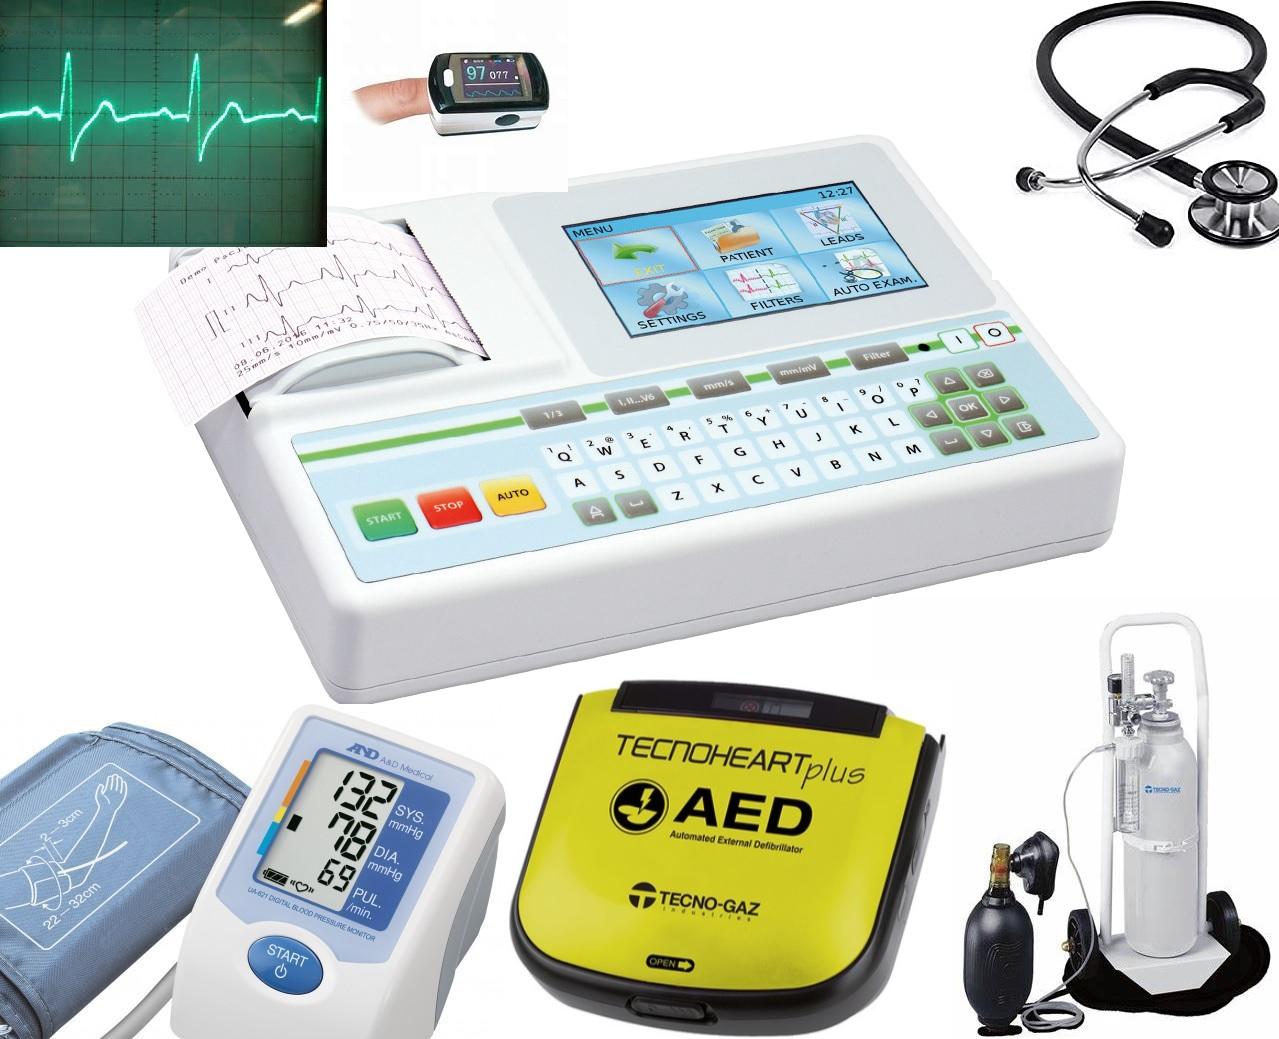 Sprzęt medyczny i diagnostyczny, pierwsza pomoc